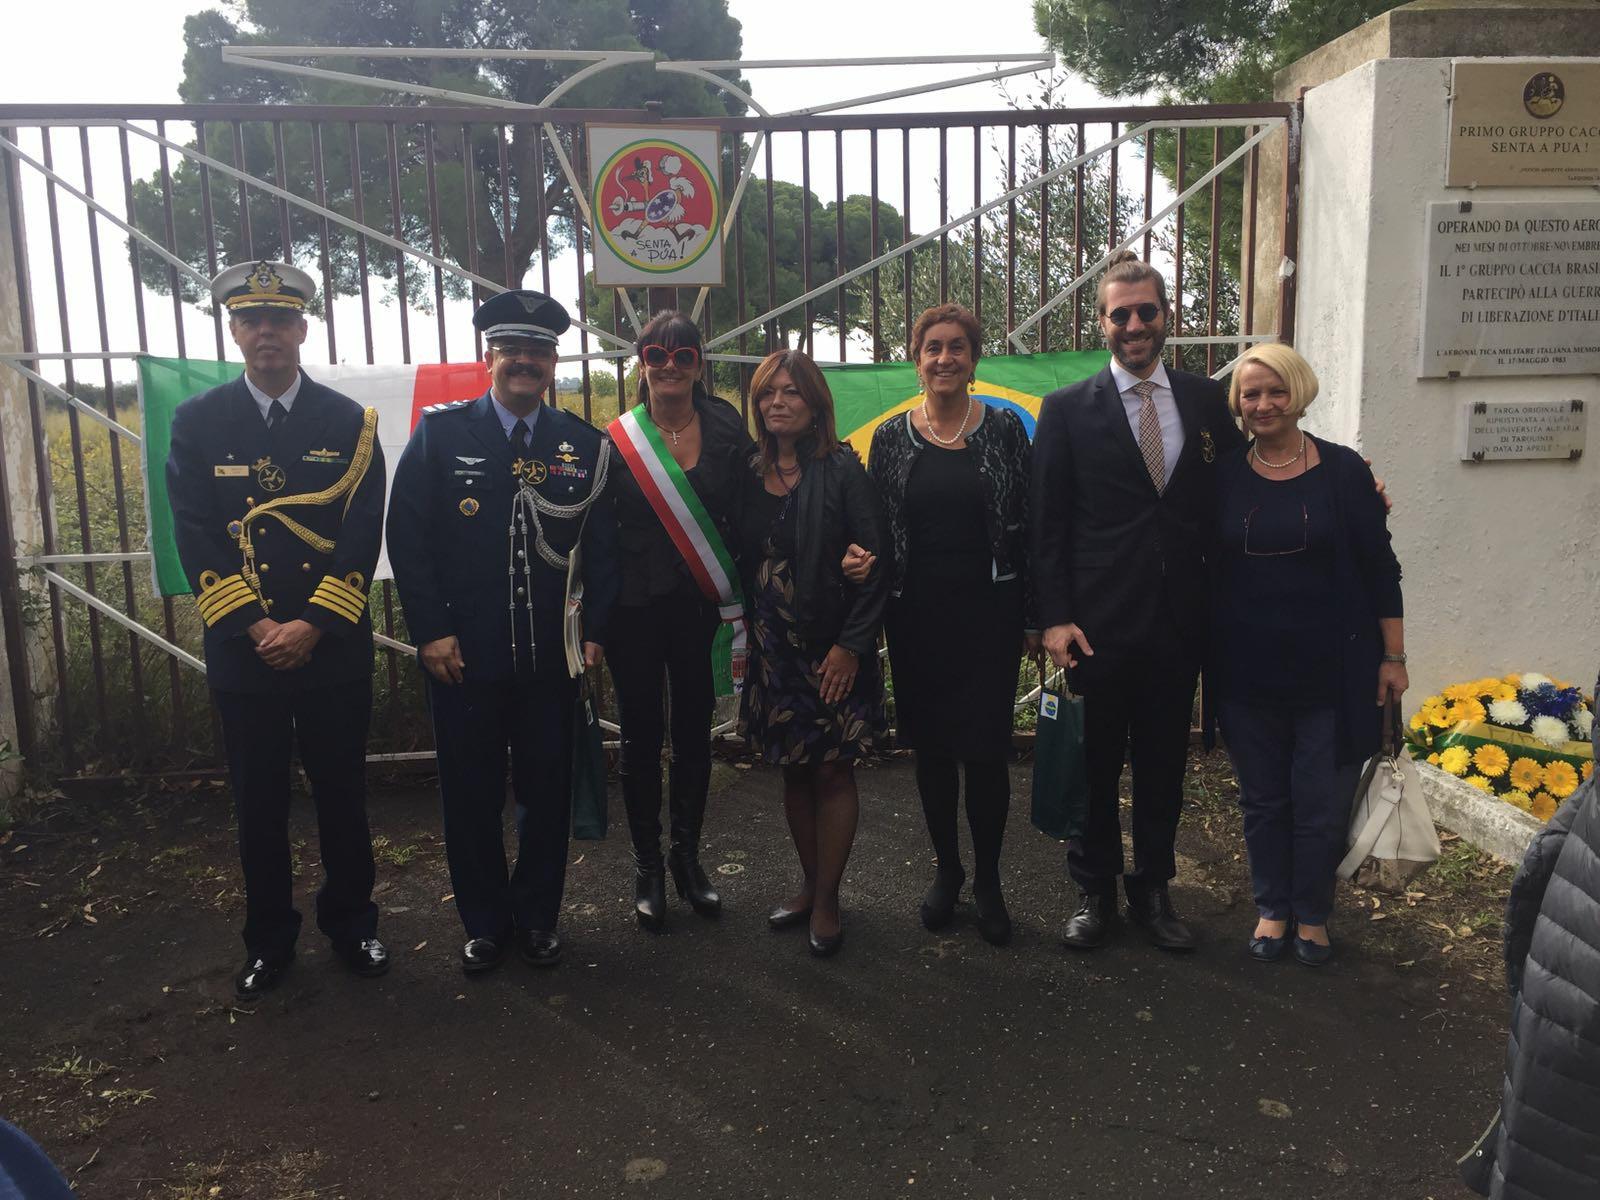 delegazione brasiliana tarquinia